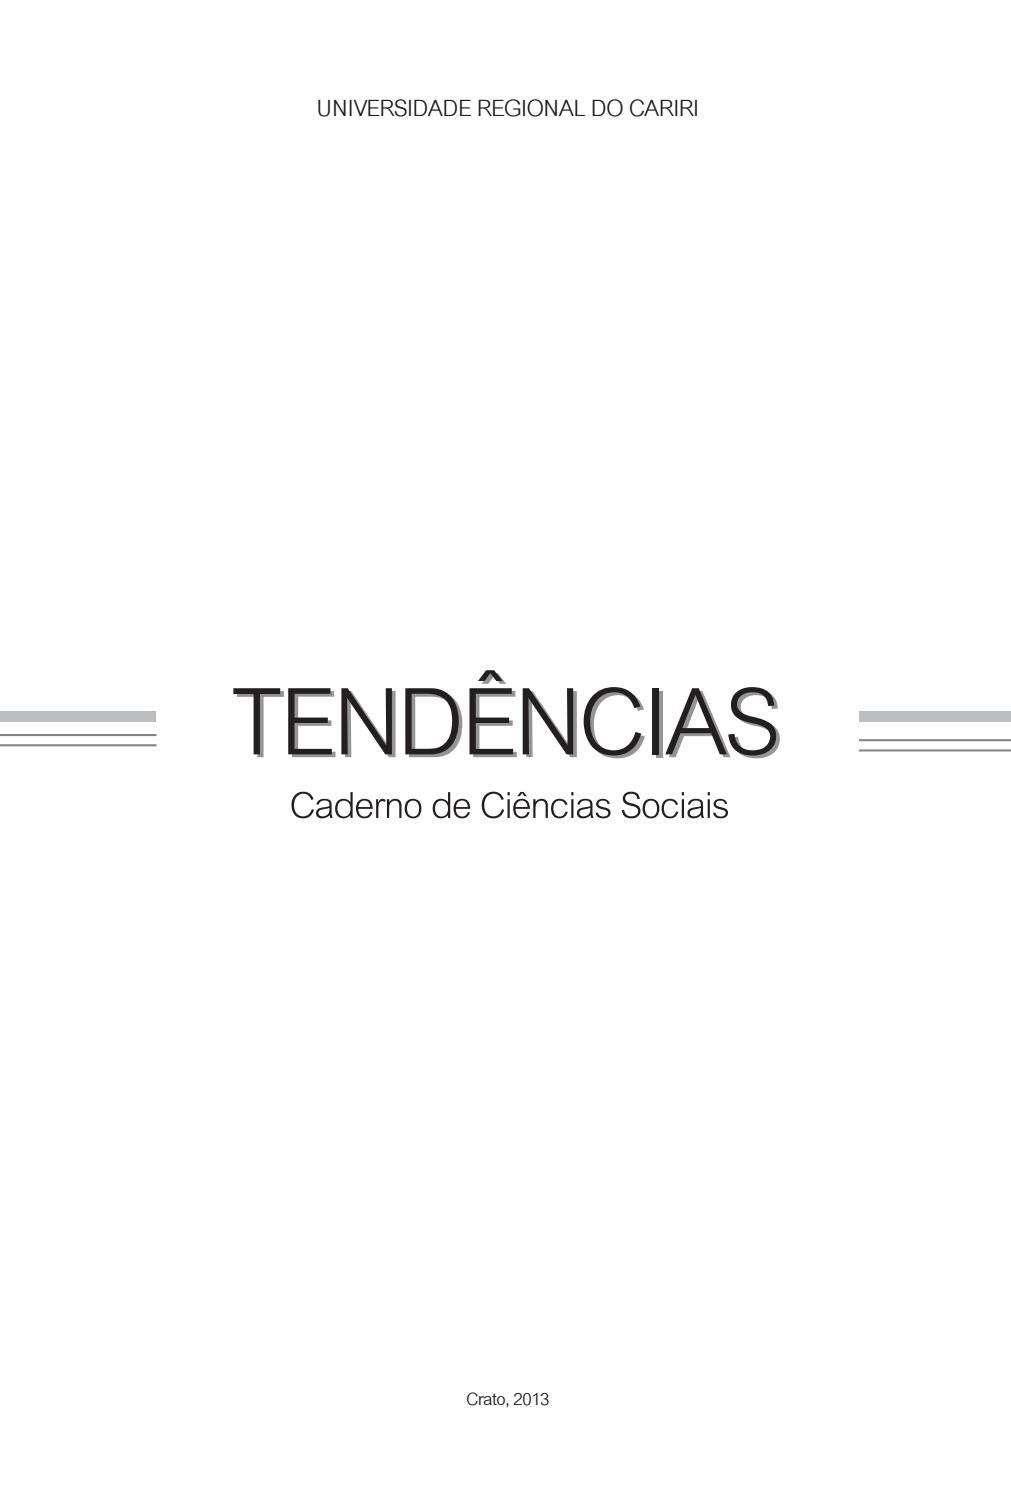 Tendências - Caderno de Ciências Sociais - n  07 2013 by